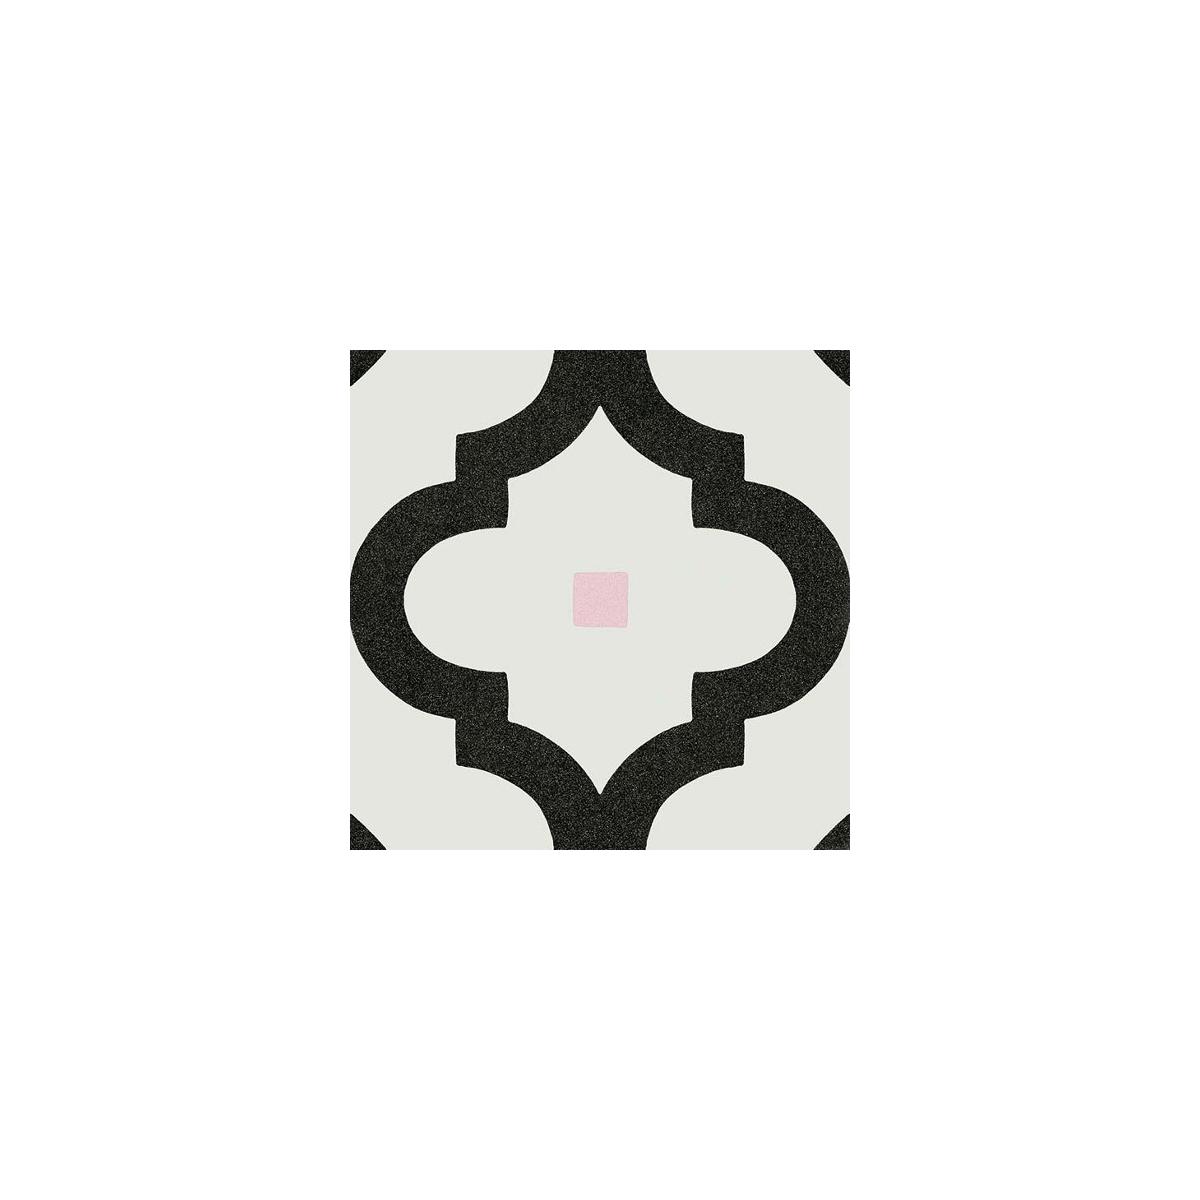 Ladakhi Grafito 20x20 (m2) - Suelo hidráulico Porcelánico antideslizante